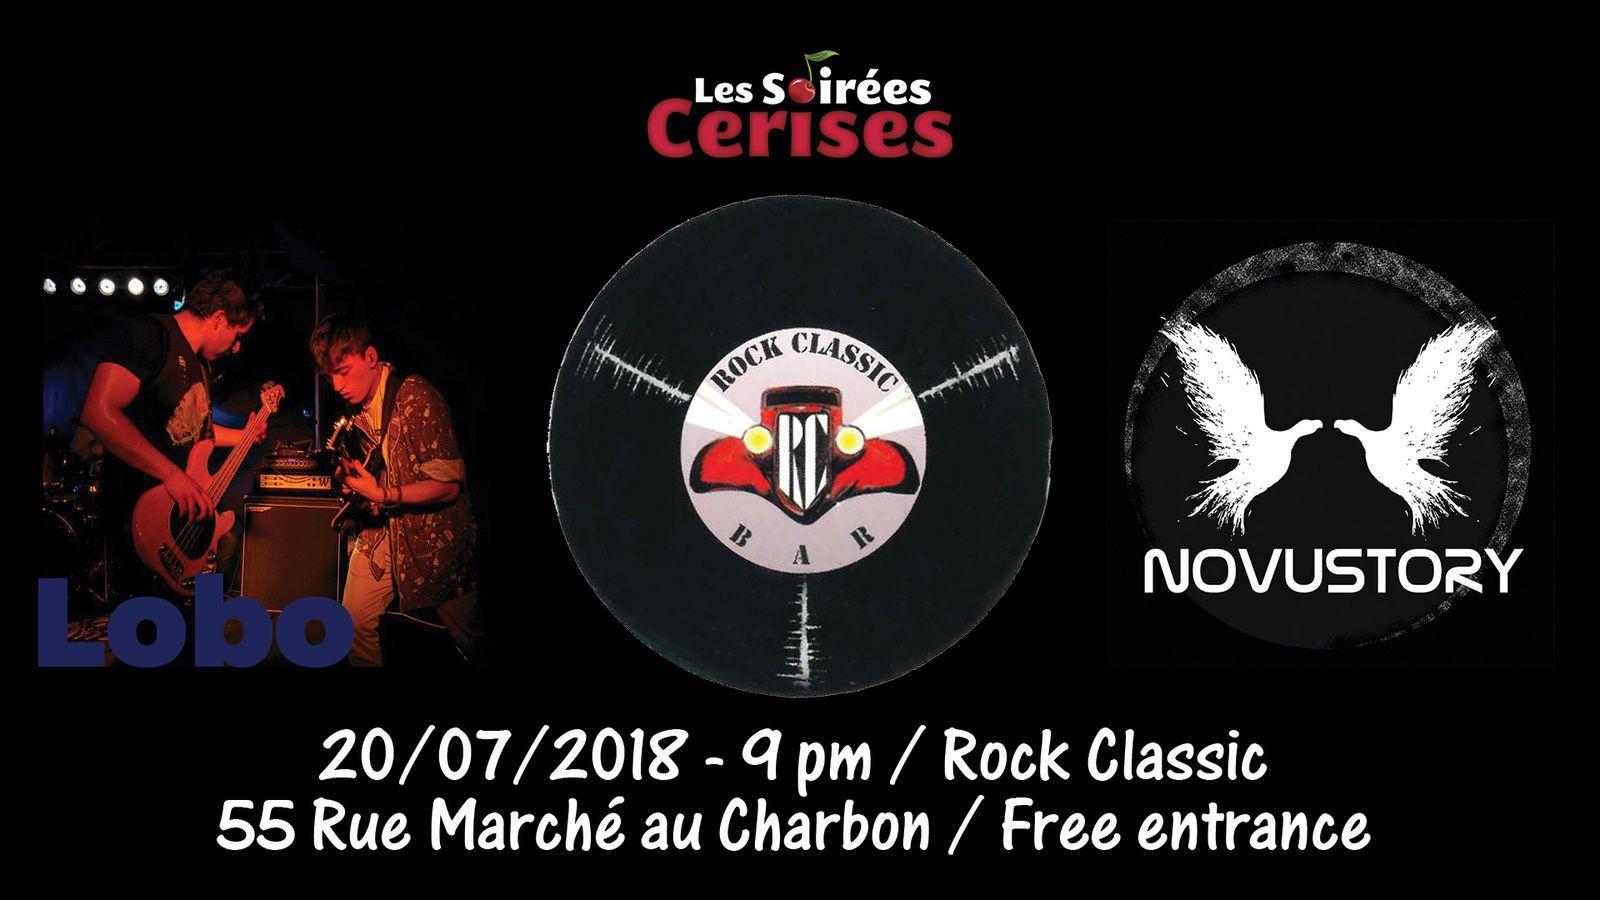 ▶ Lobo + Novustory (UK) @ Rock Classic - 20/07/2018 - 21h00 - Entrée gratuite / Free entrance